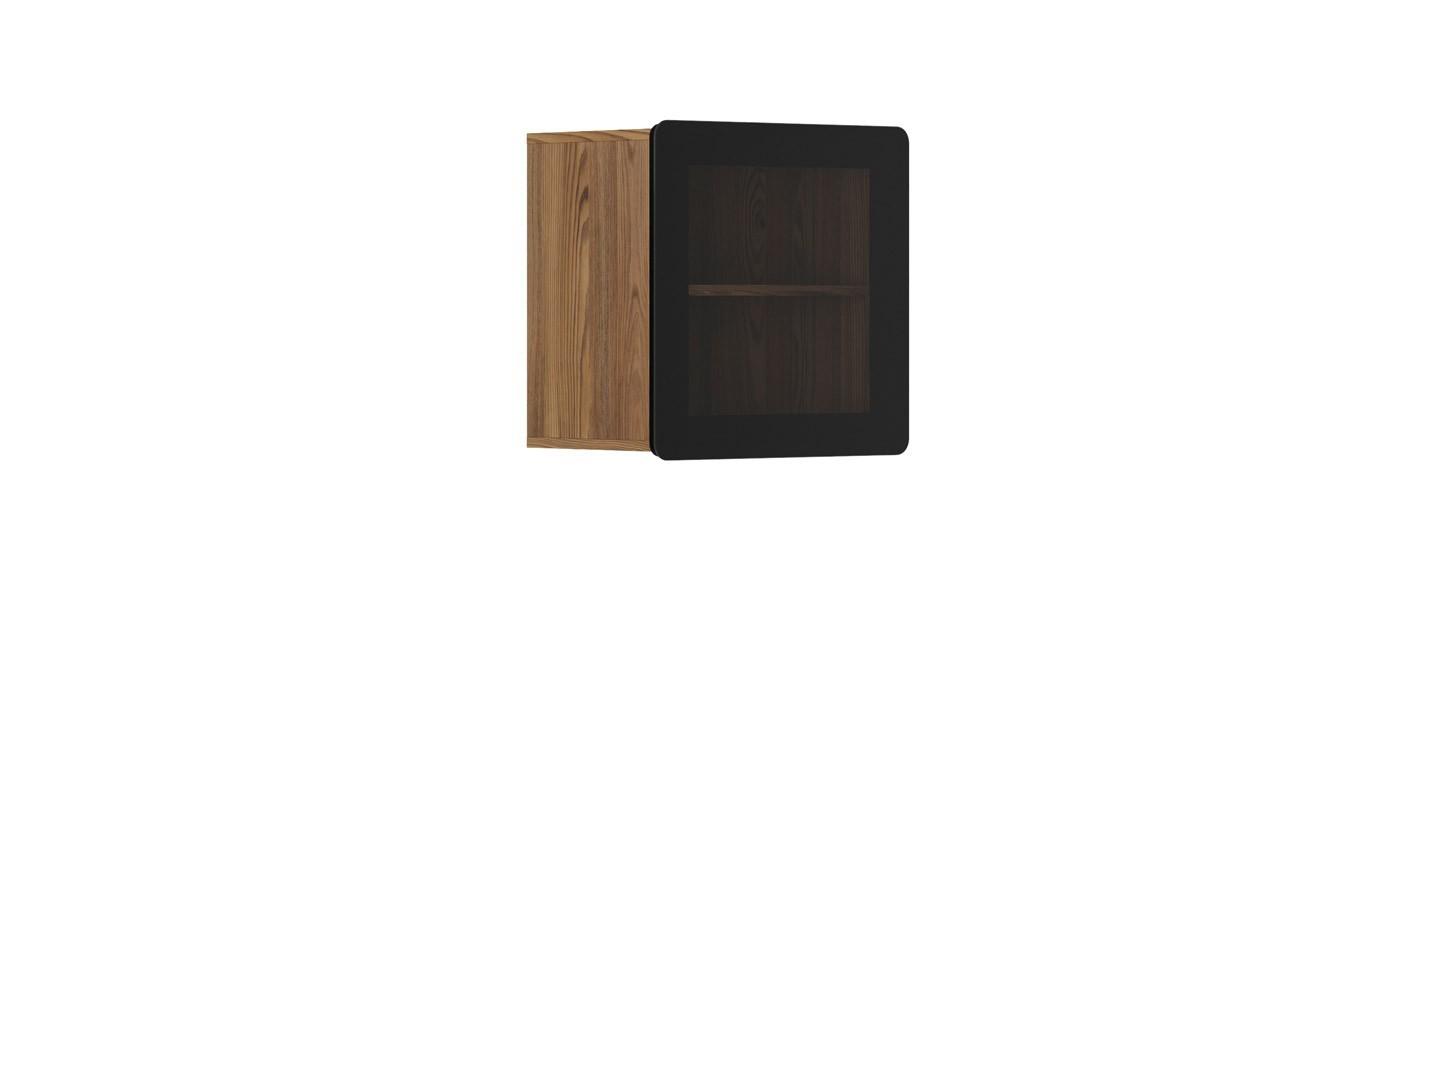 Vitrína na zeď - BRW - Possi Light - SFW1W/5/5 (modřín sibiu zlatý) (s osvětlením)